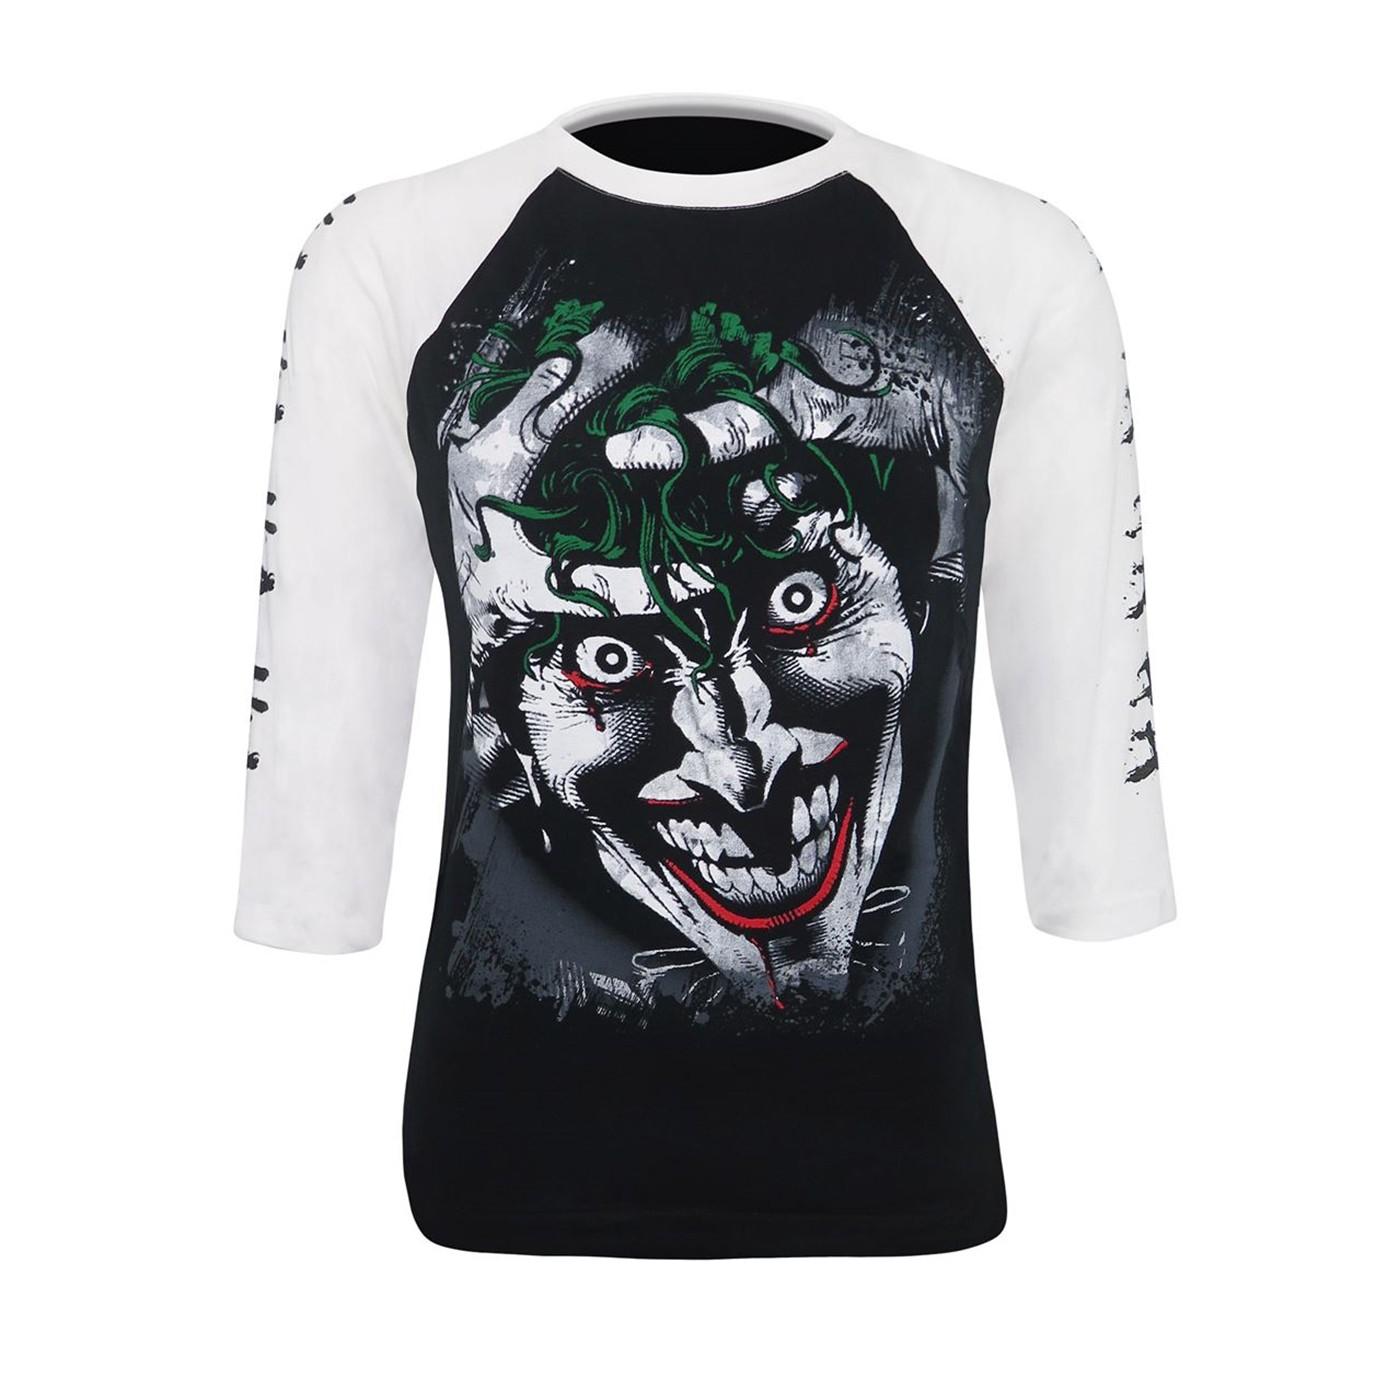 Joker Killing Joke Men's Baseball T-Shirt